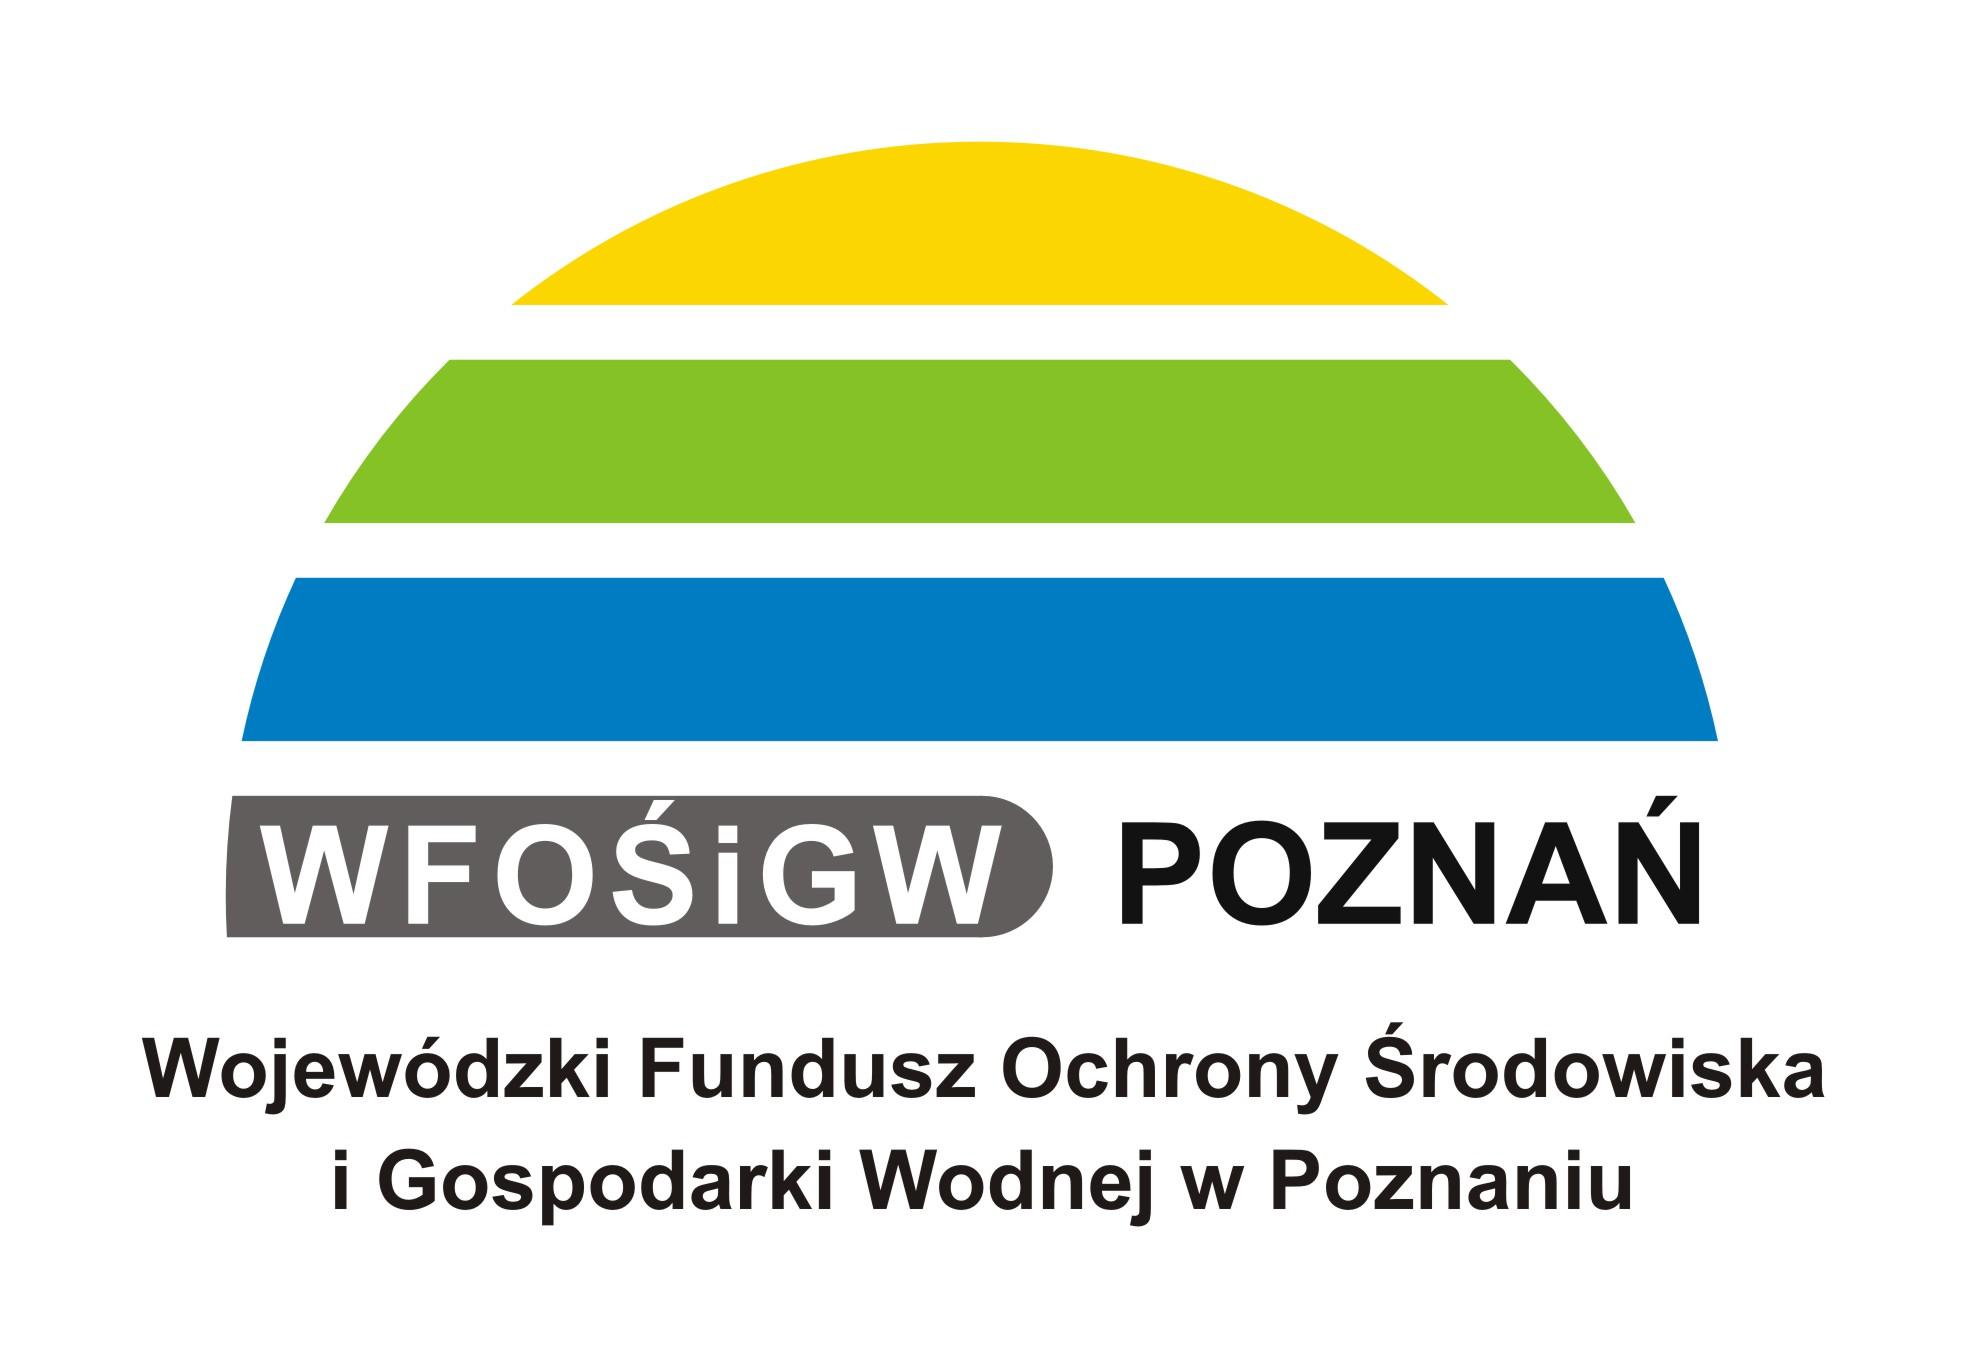 Wojewódzki Fundusz Ochrony Środowiska iGospodarki Wodnej wPoznaniu